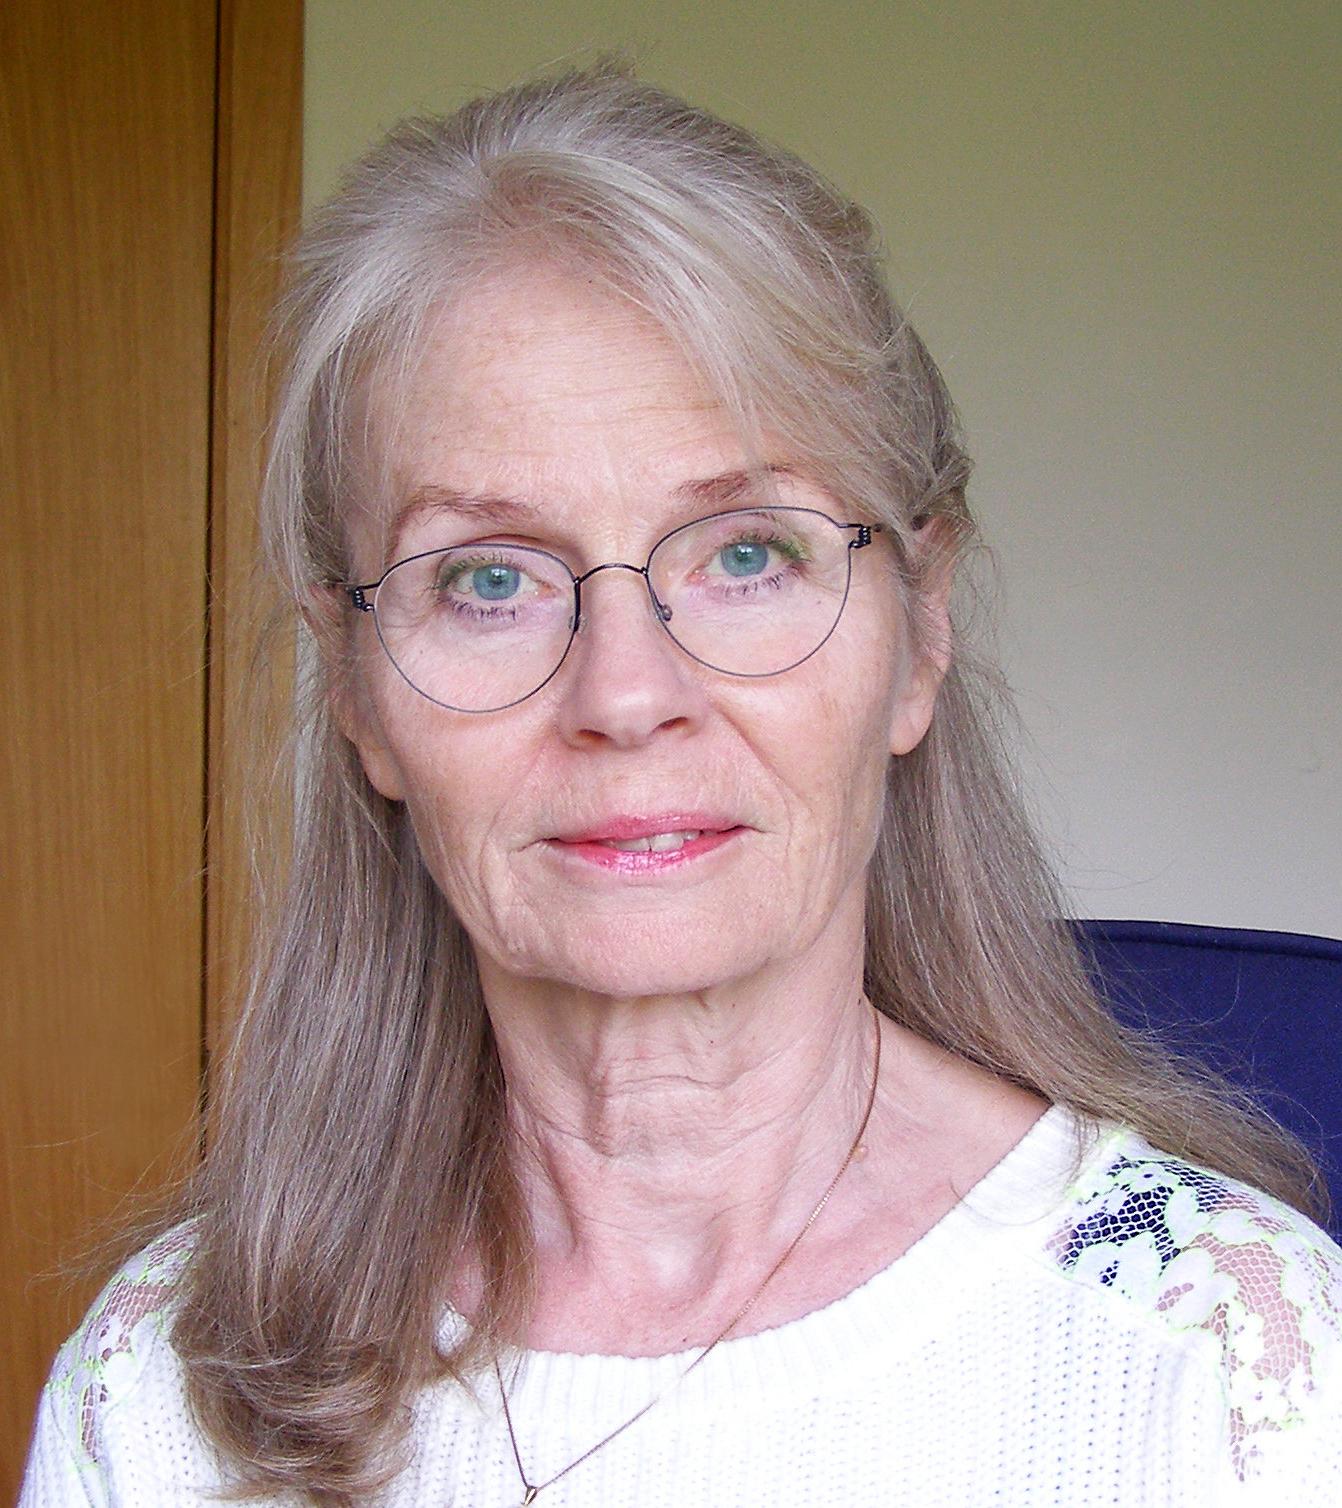 Aðalbjörg Þórðardóttir